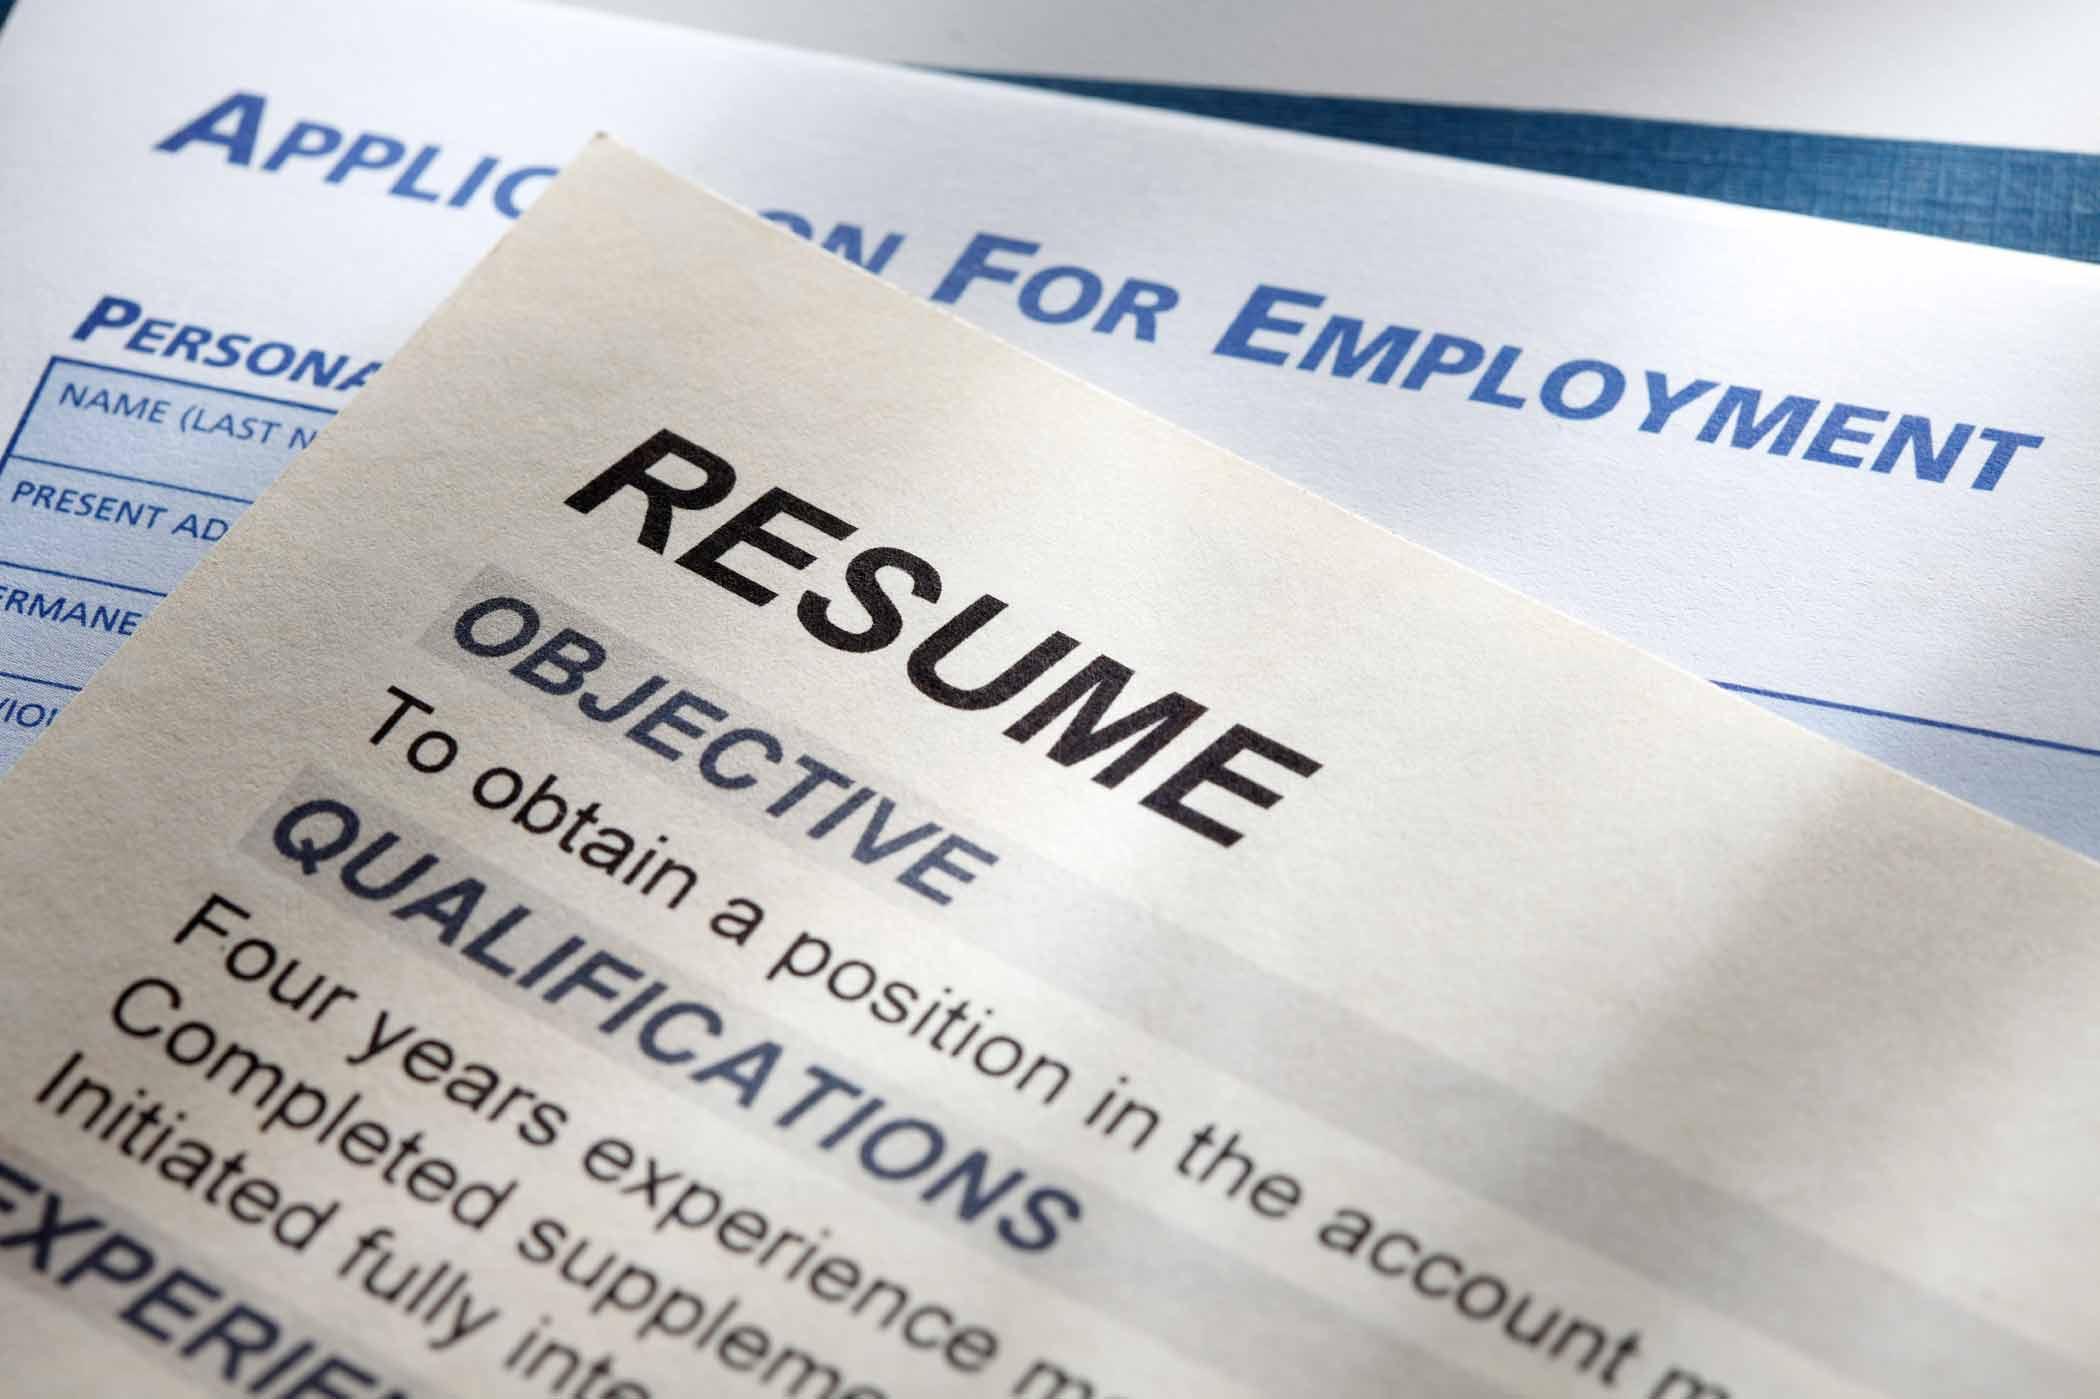 resume writer software